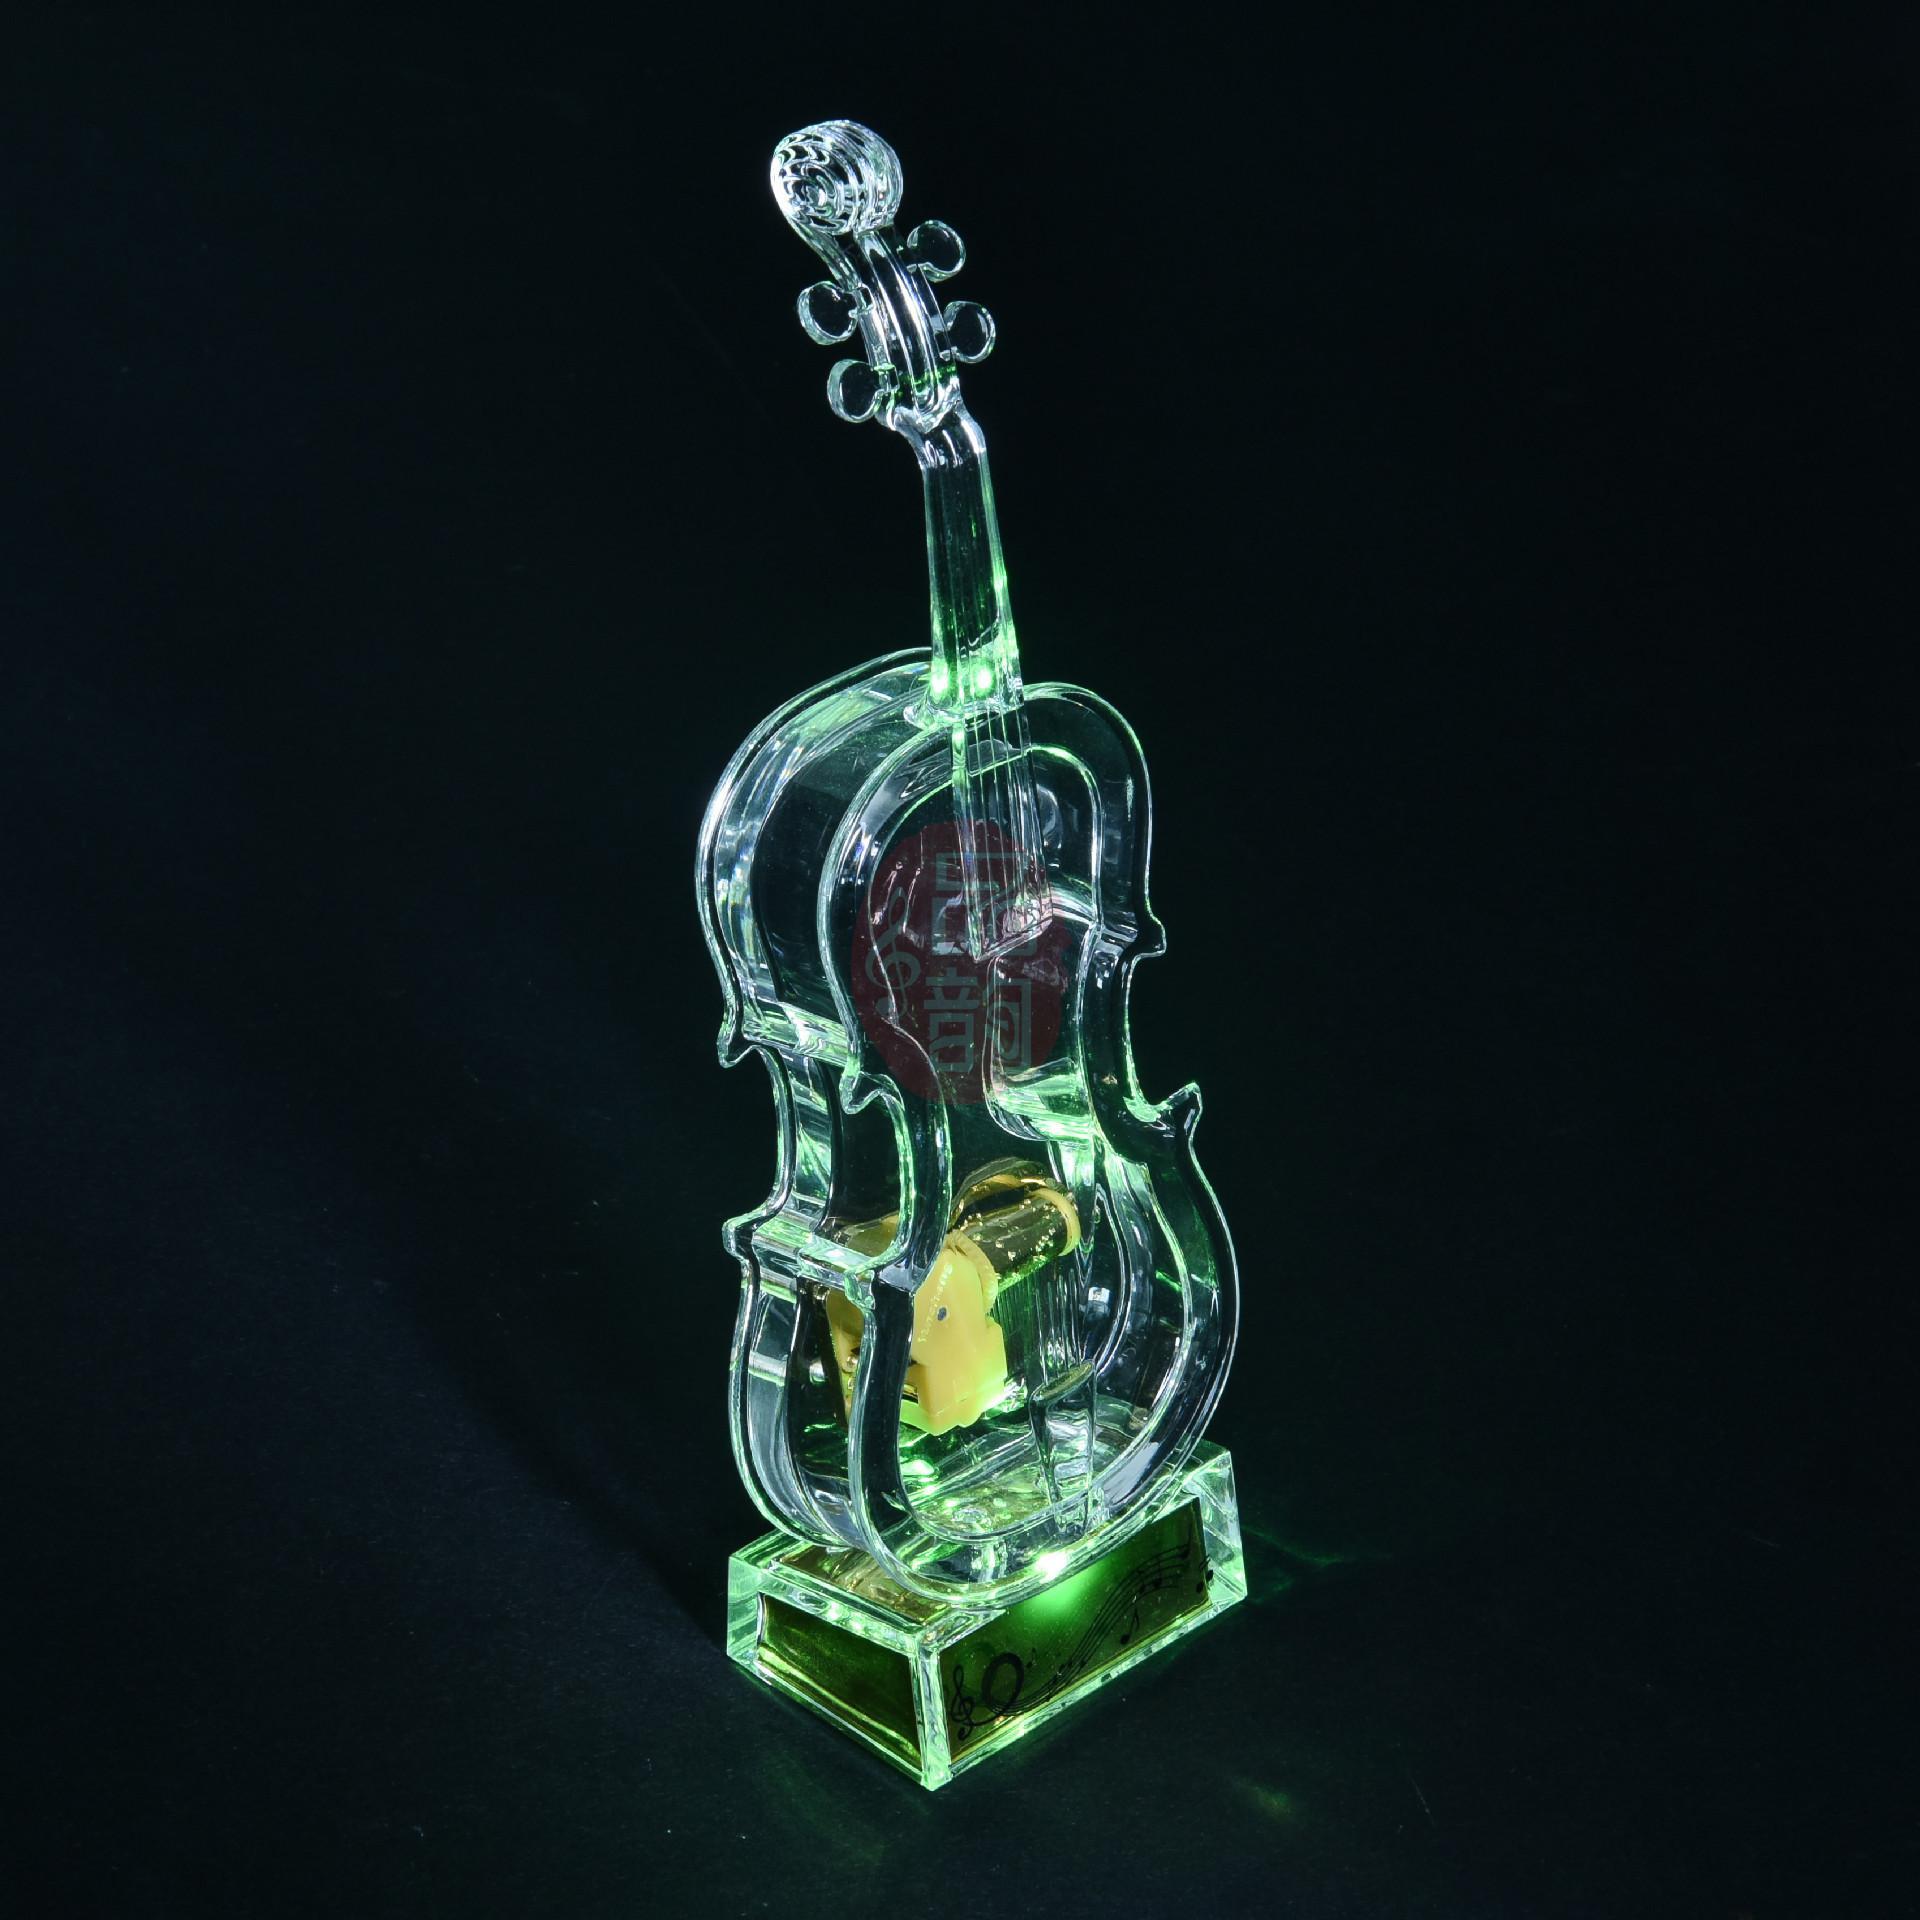 Lamba İkinci Gram Kuvvet Çello Müzik Kutusu Müzik Kutusu Özgünlük Hediye adlı getir